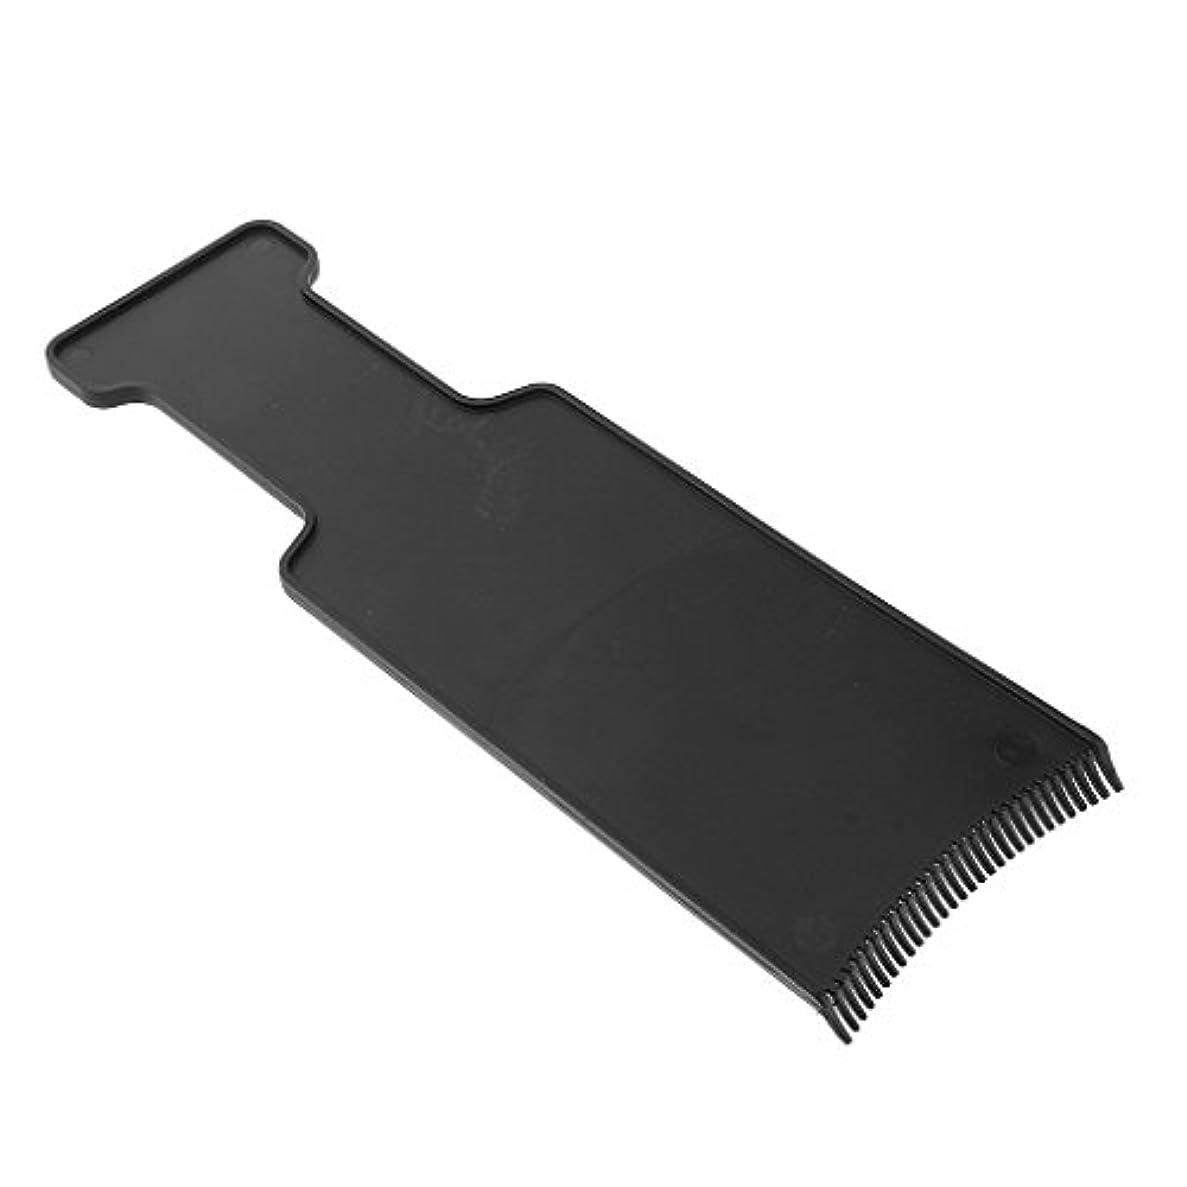 物質オーディション活気づくサロン ヘアカラー ボード ヘアカラーティント 美容 ヘア ツール 髪 保護 ブラック 全4サイズ - M